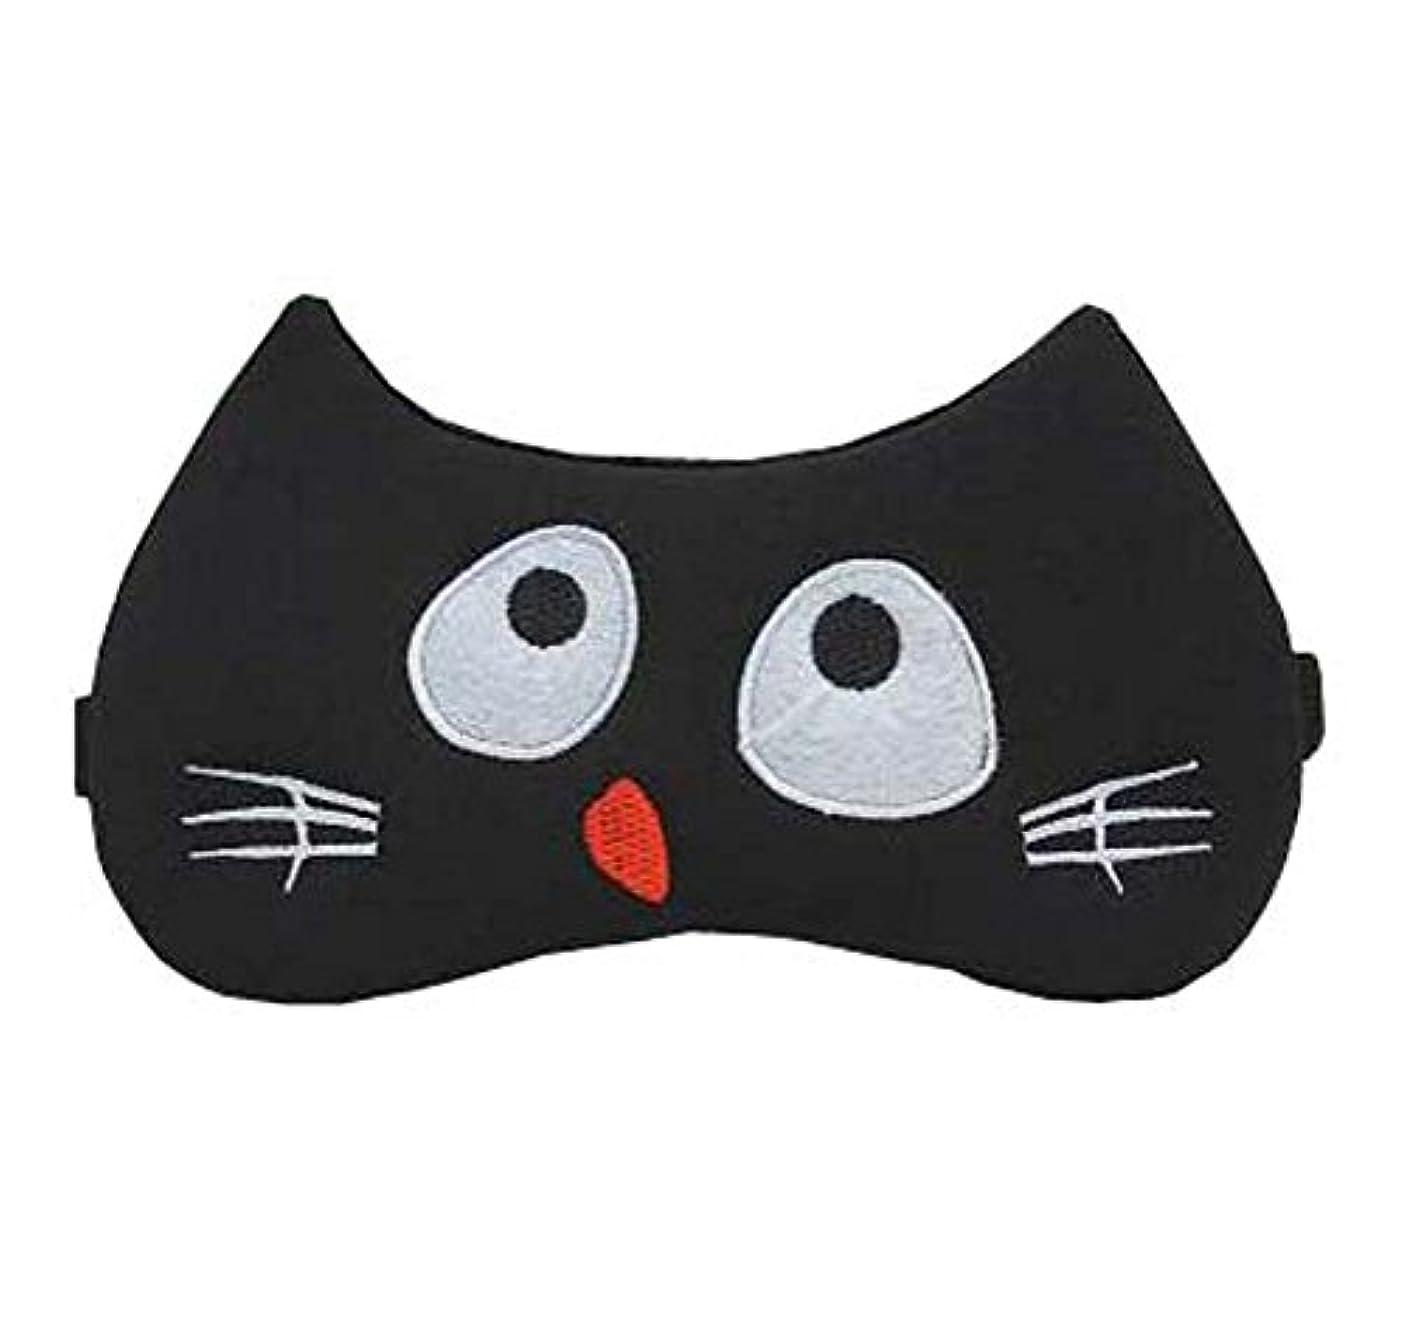 悪化させる実験的スリラー快適なかわいい目のマスクは、睡眠の作業のための不眠症とストレスを軽減し、D